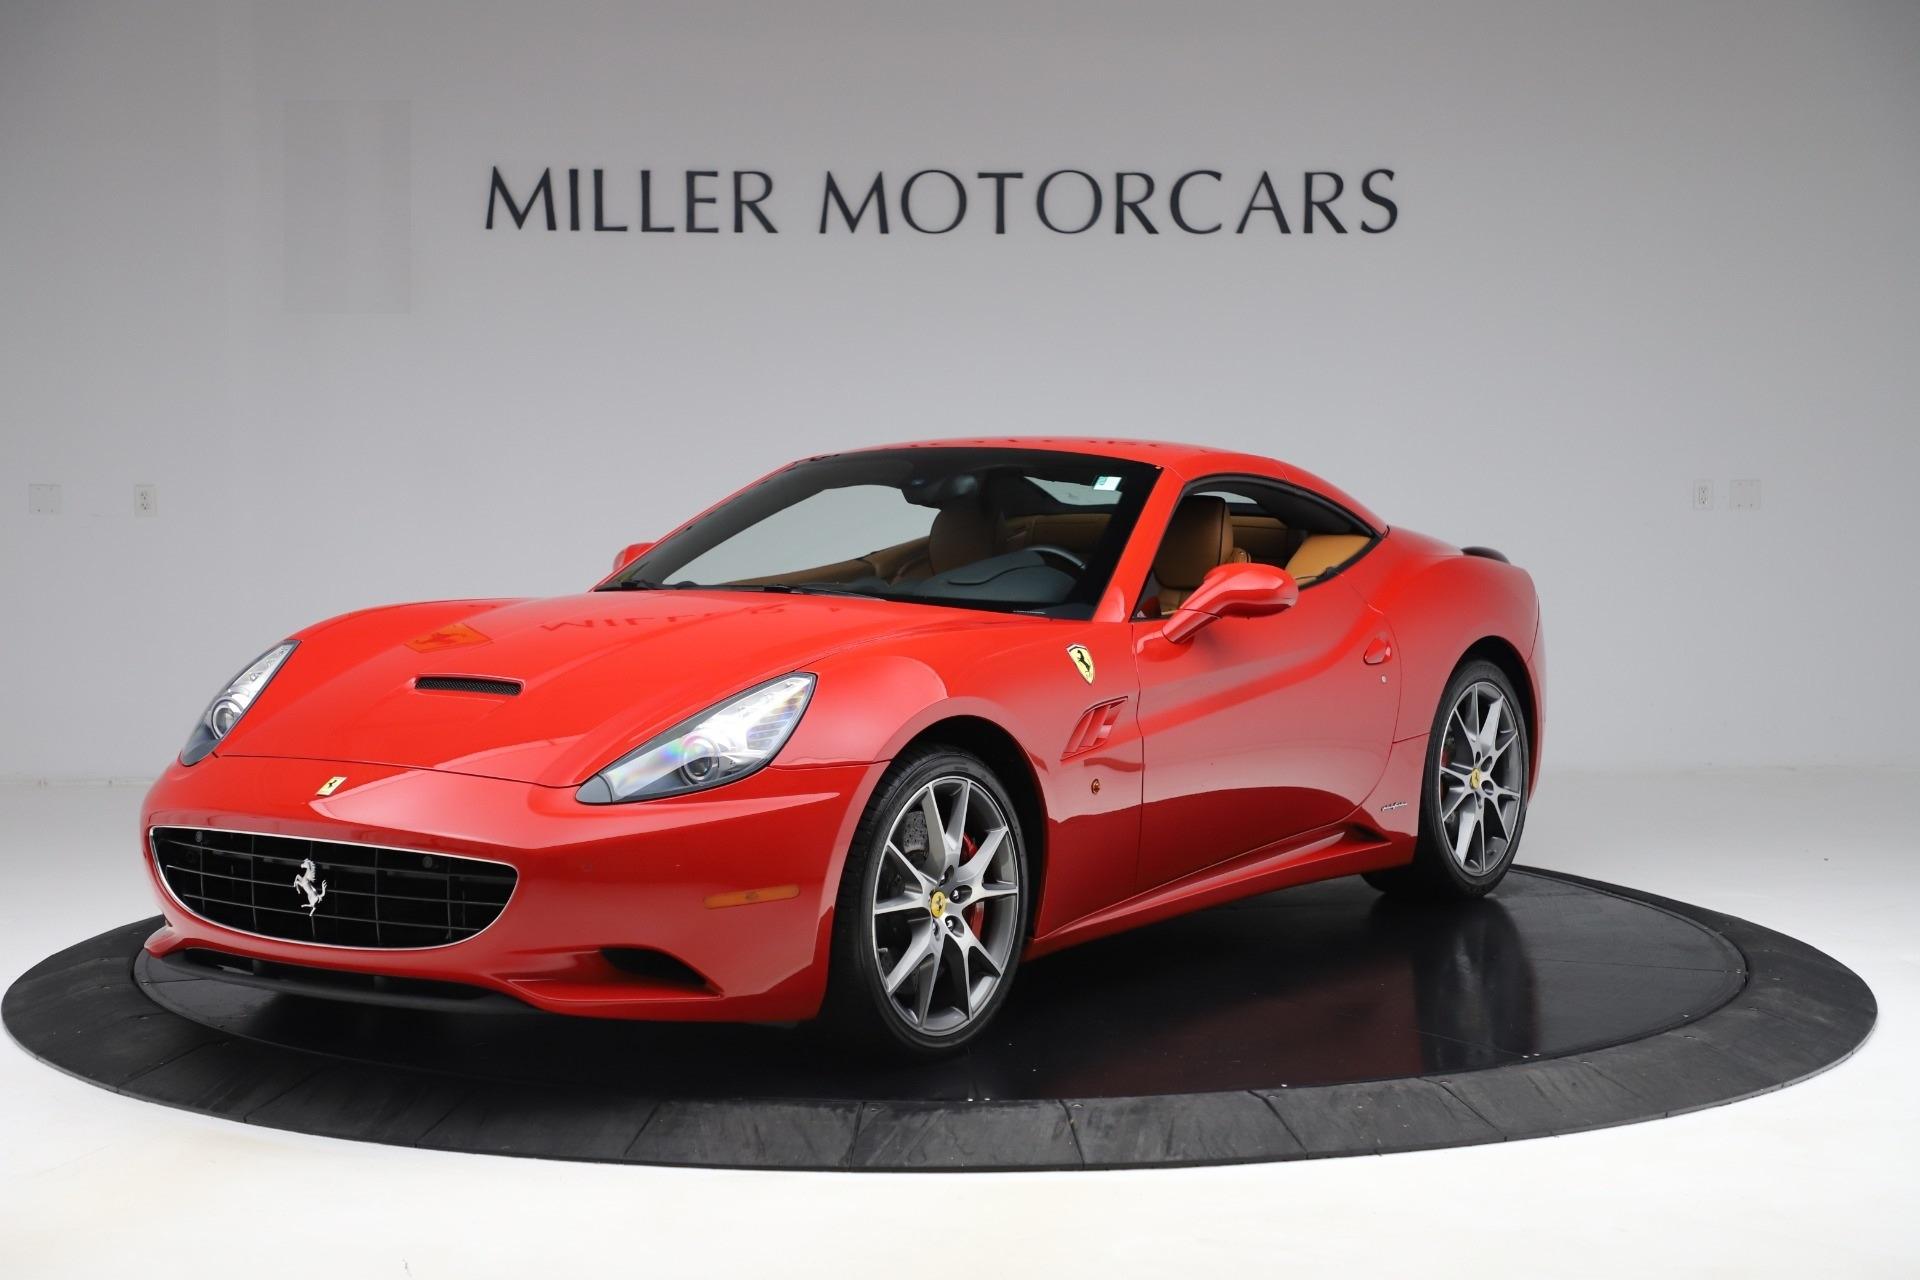 Pre-Owned 2013 Ferrari California 30 For Sale () | Miller ...